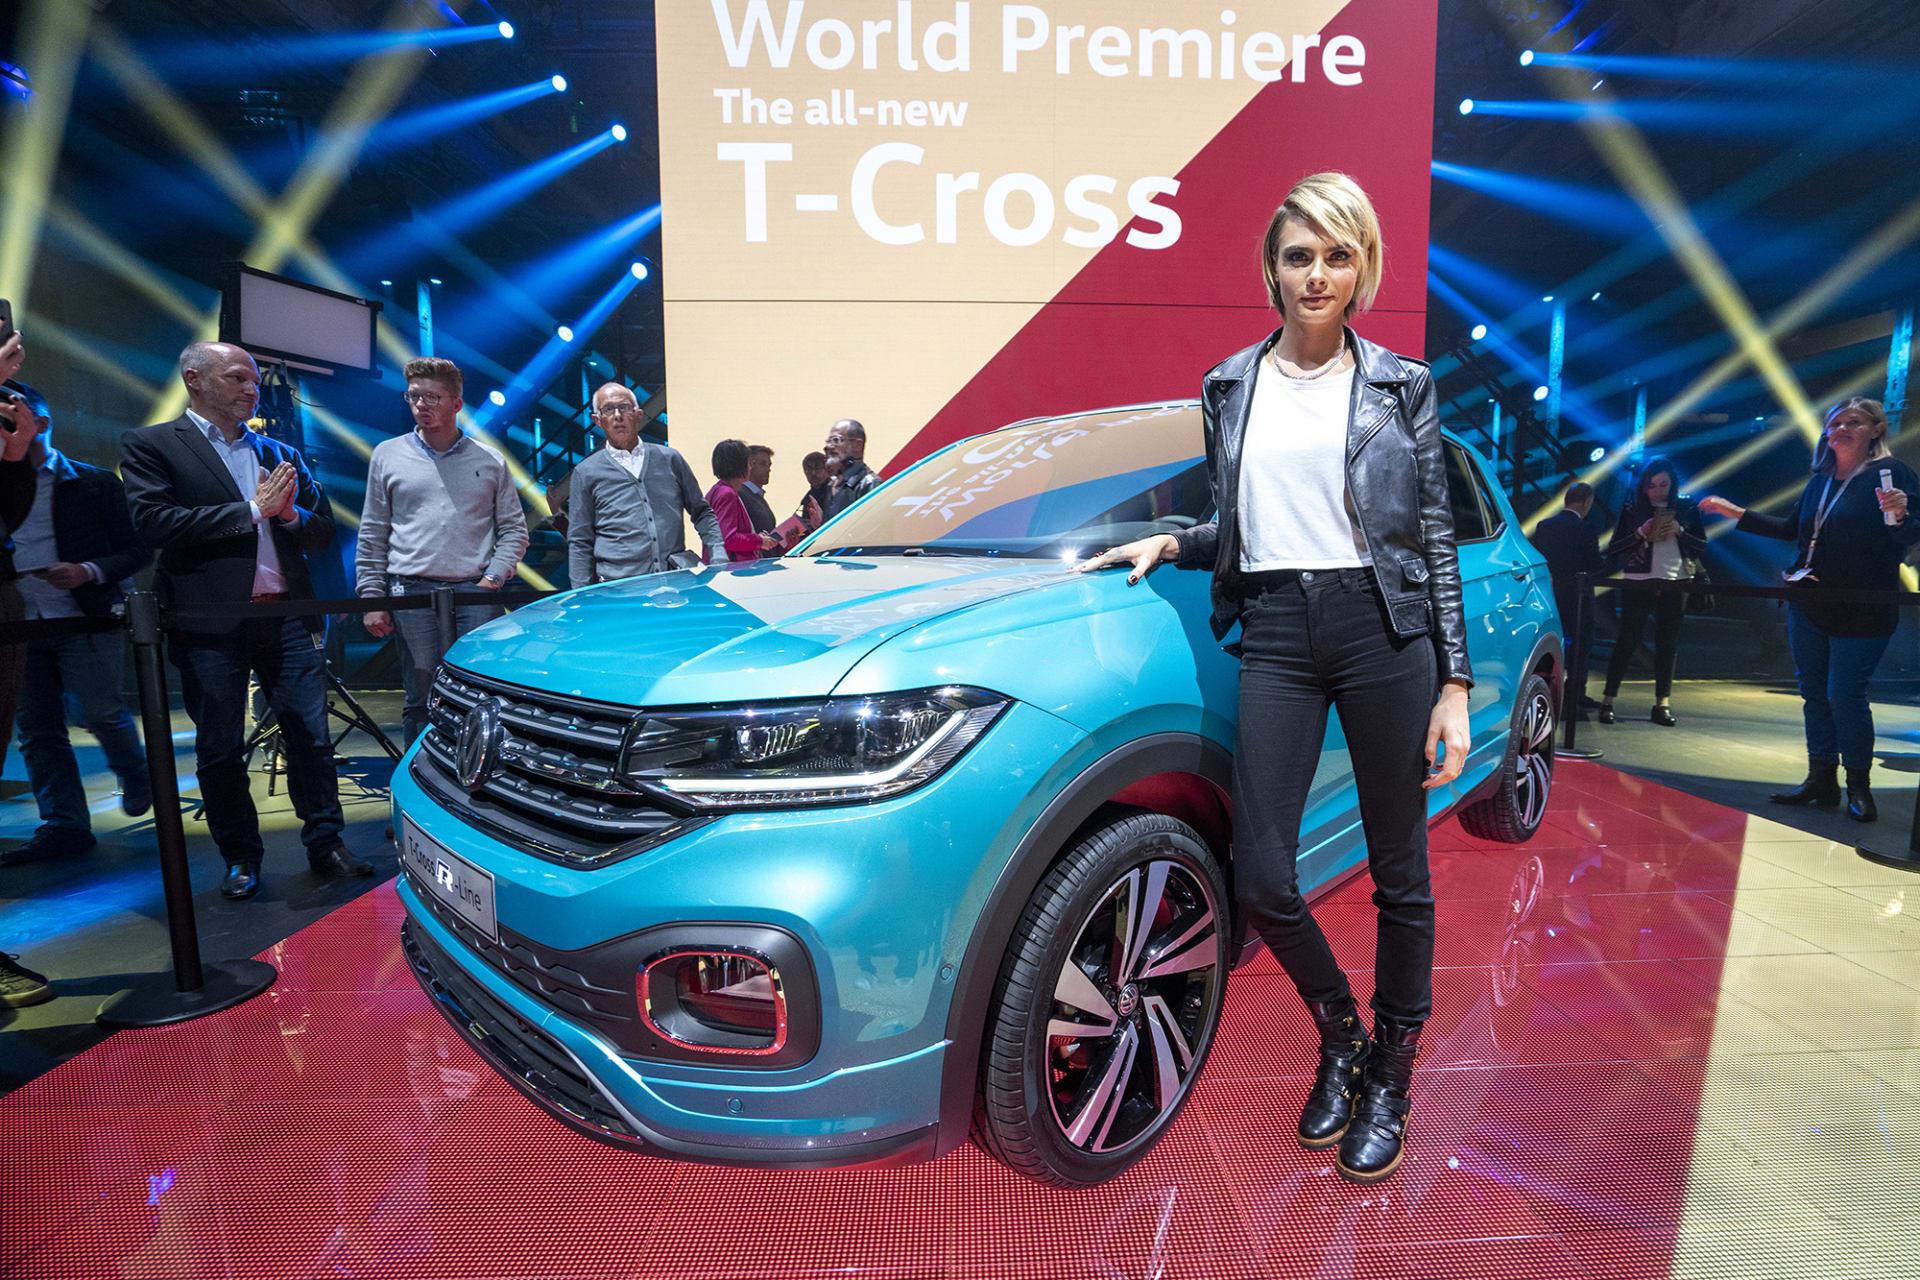 Med stort pådrag i en nedlagd fabrikslokal utanför Amsterdam presenterades T-Cross. På scenen och för att göra kvällens event lite extra exklusivt dök skådespelerskan Cara Delevingne upp och poserades bredvid bilen.